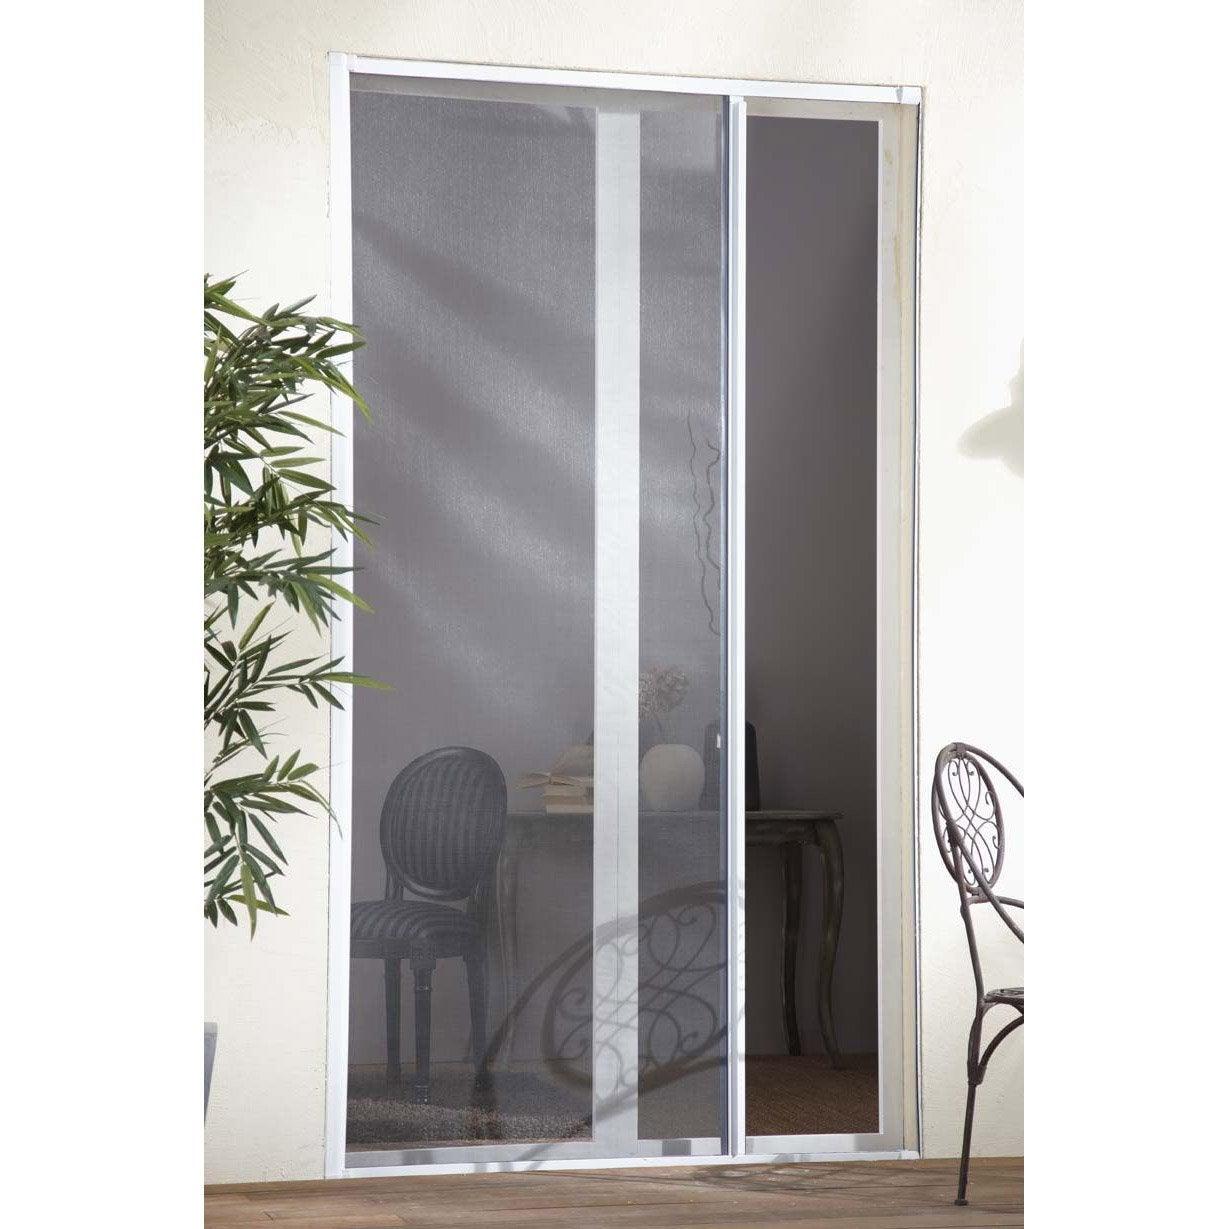 Moustiquaire Pour Portefenêtre à Enroulement Latéral ARTENS H X - Moustiquaire pour porte fenetre